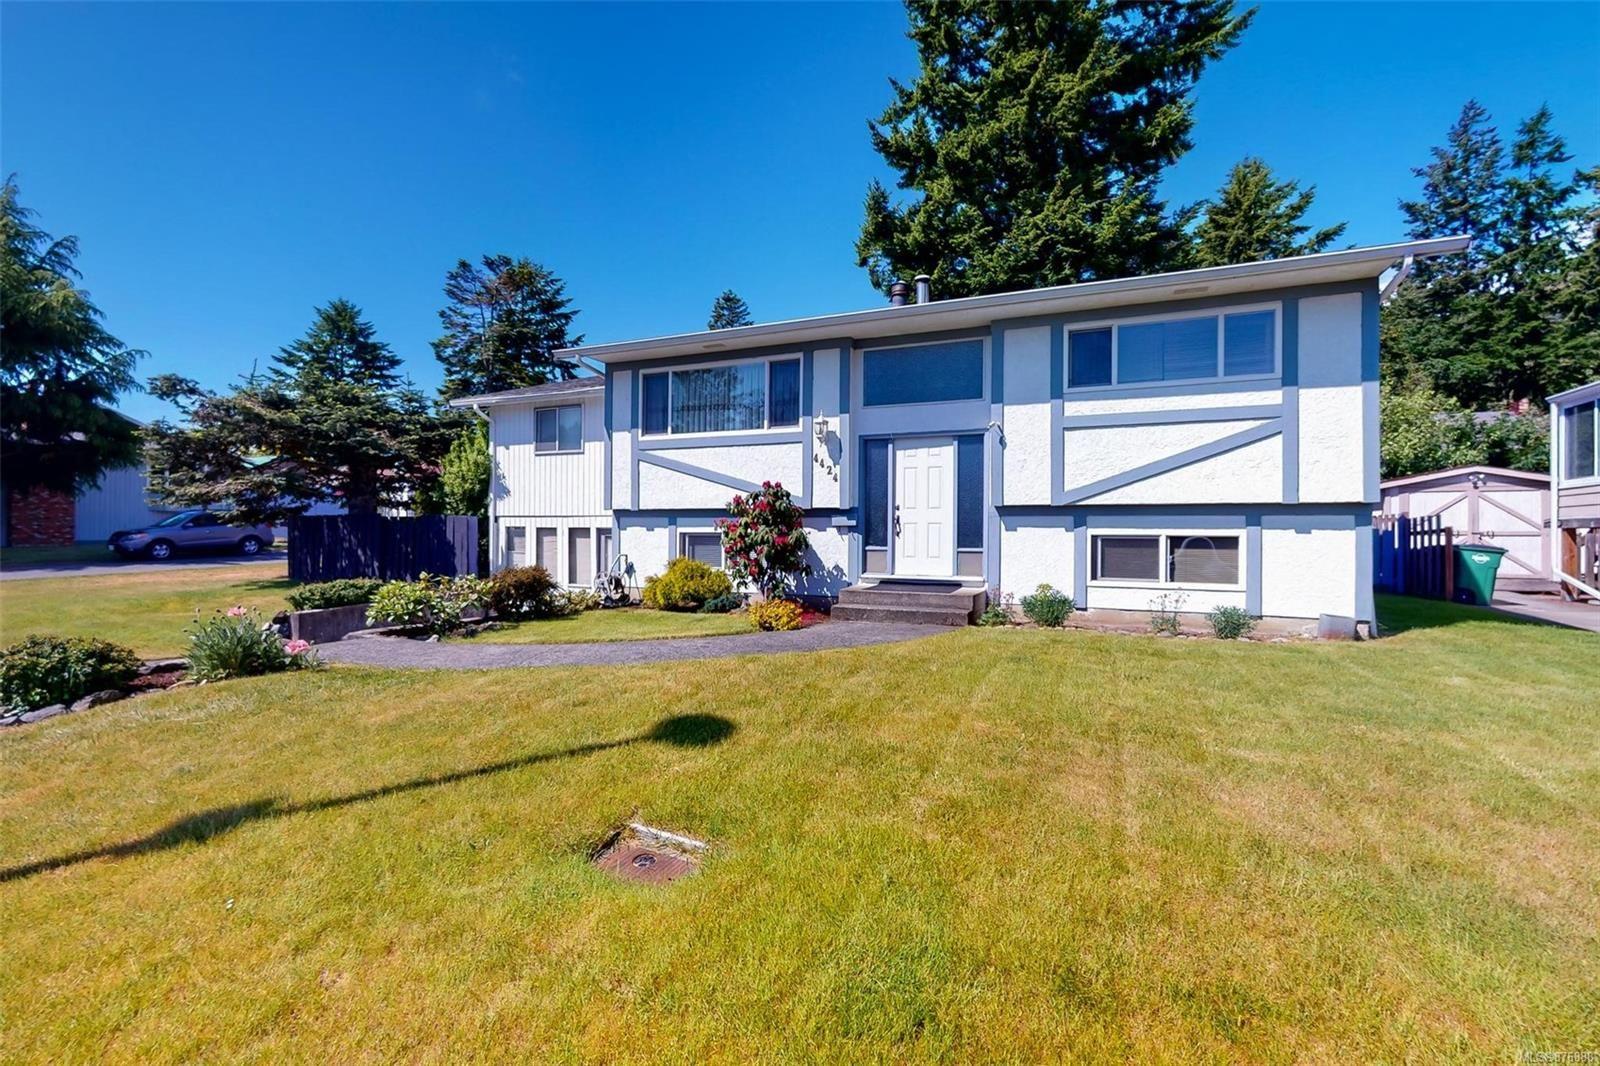 Main Photo: 4424 Fieldmont Crt in : SE Gordon Head House for sale (Saanich East)  : MLS®# 876888